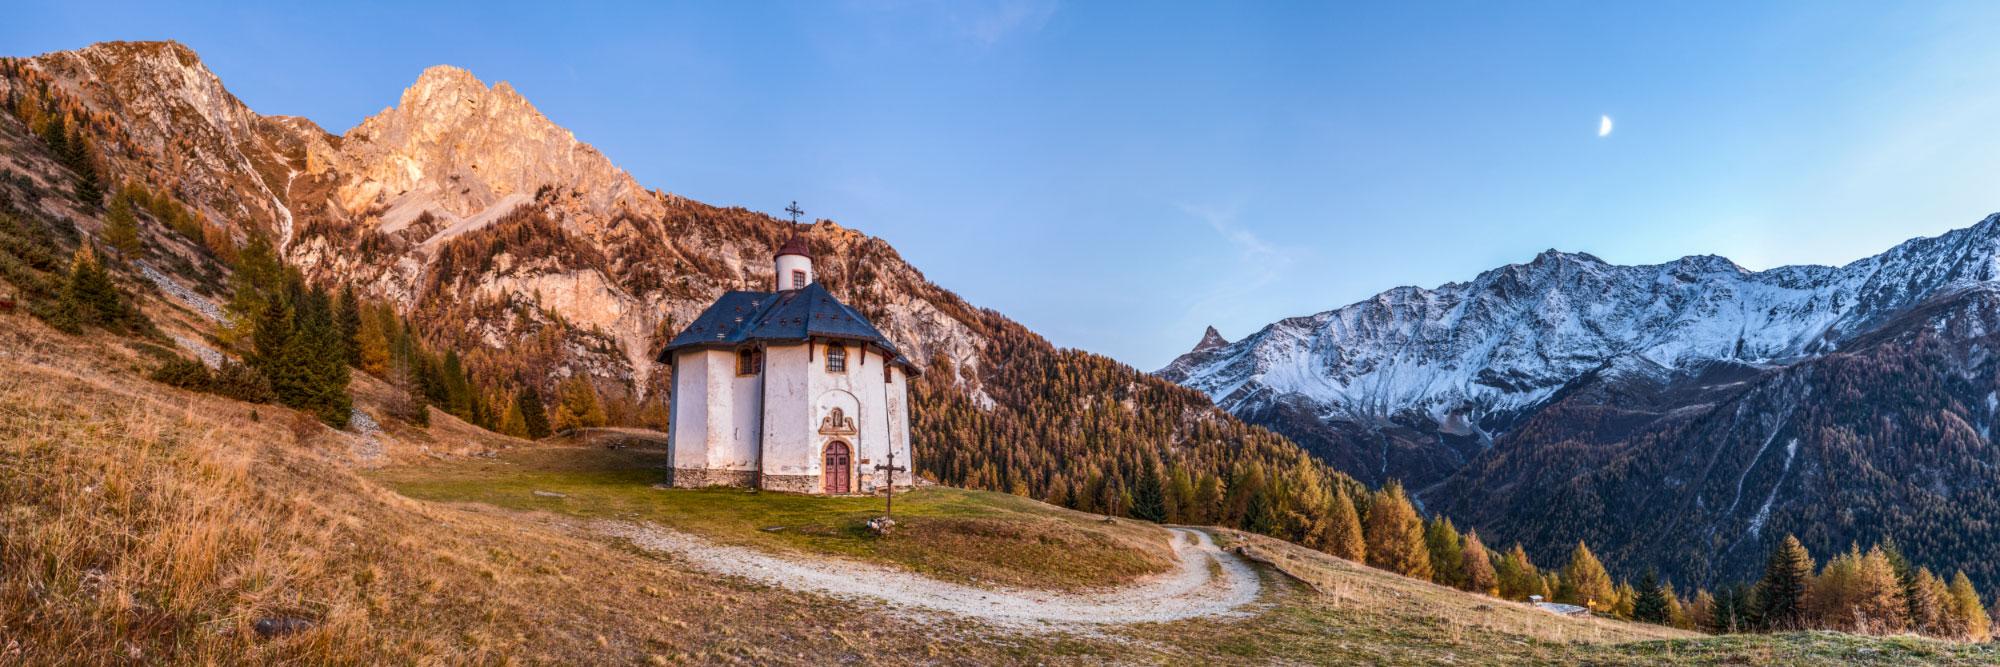 Chapelle des Vernettes (Haute-Tarentaise)  face au massif de Bellecôte (Vanoise)